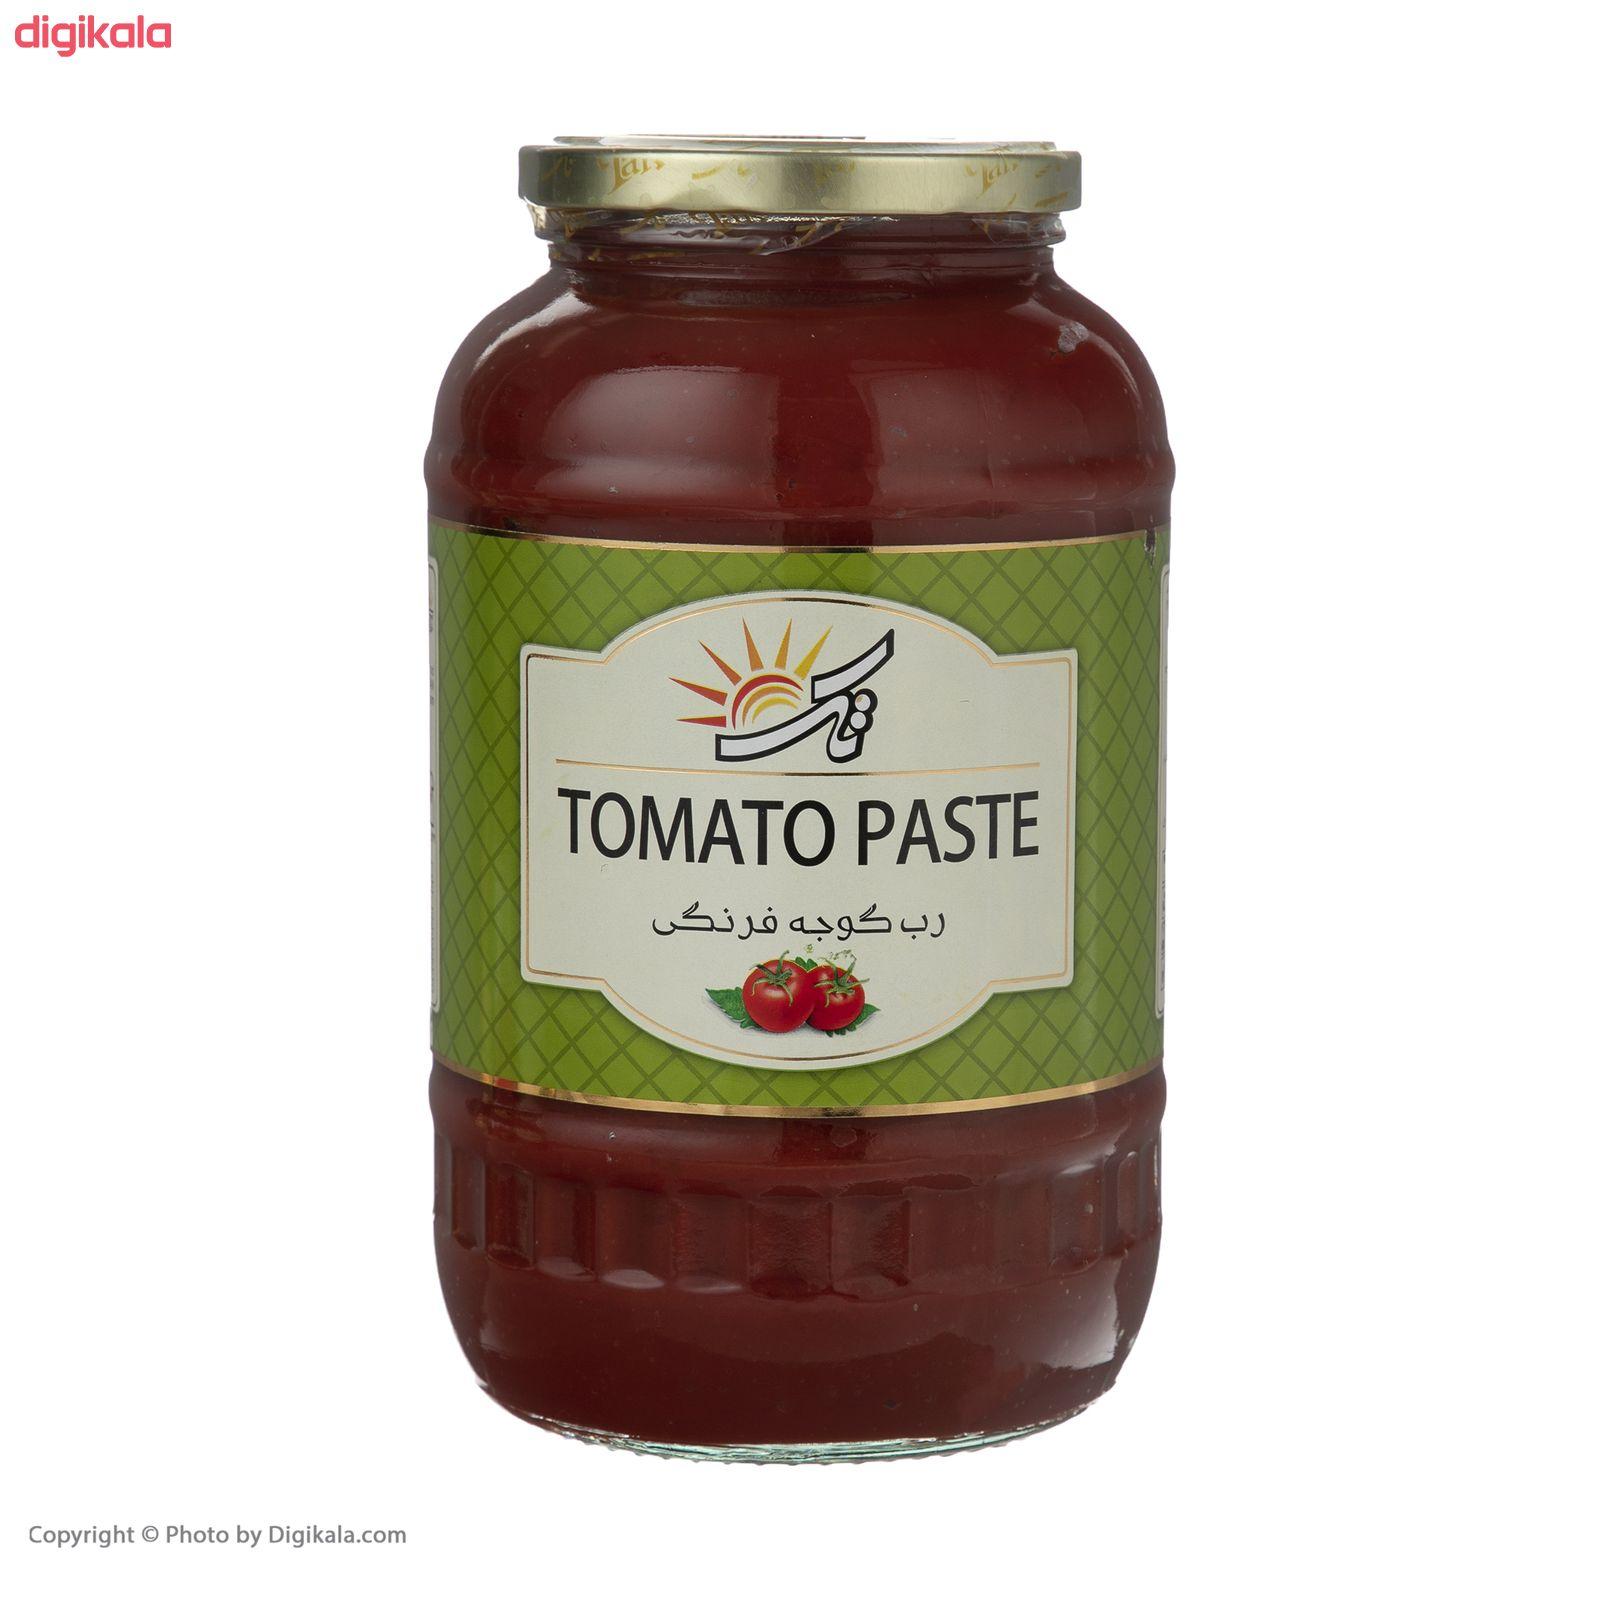 رب گوجه فرنگی تک - 1.6 کیلوگرم main 1 1